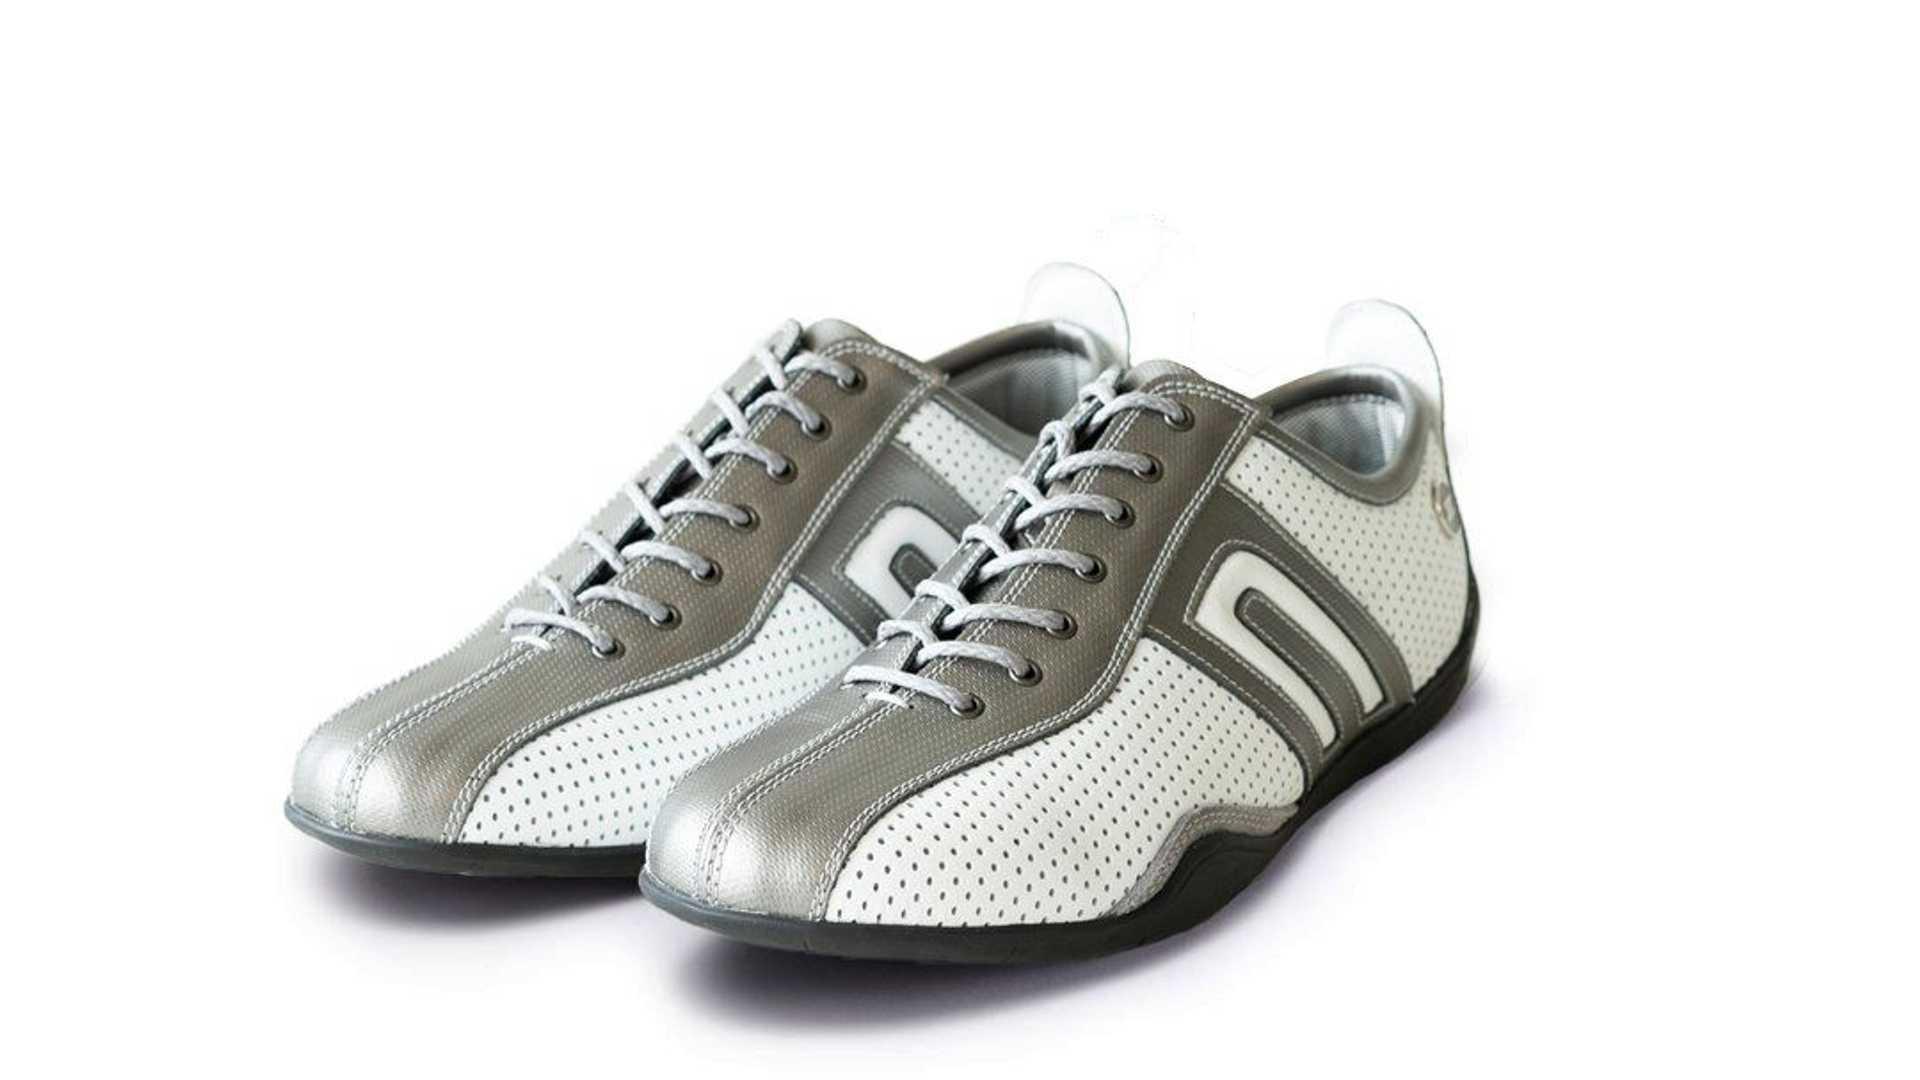 Negroni_Idea_Corsa-Nissan_Z_Shoes-0008